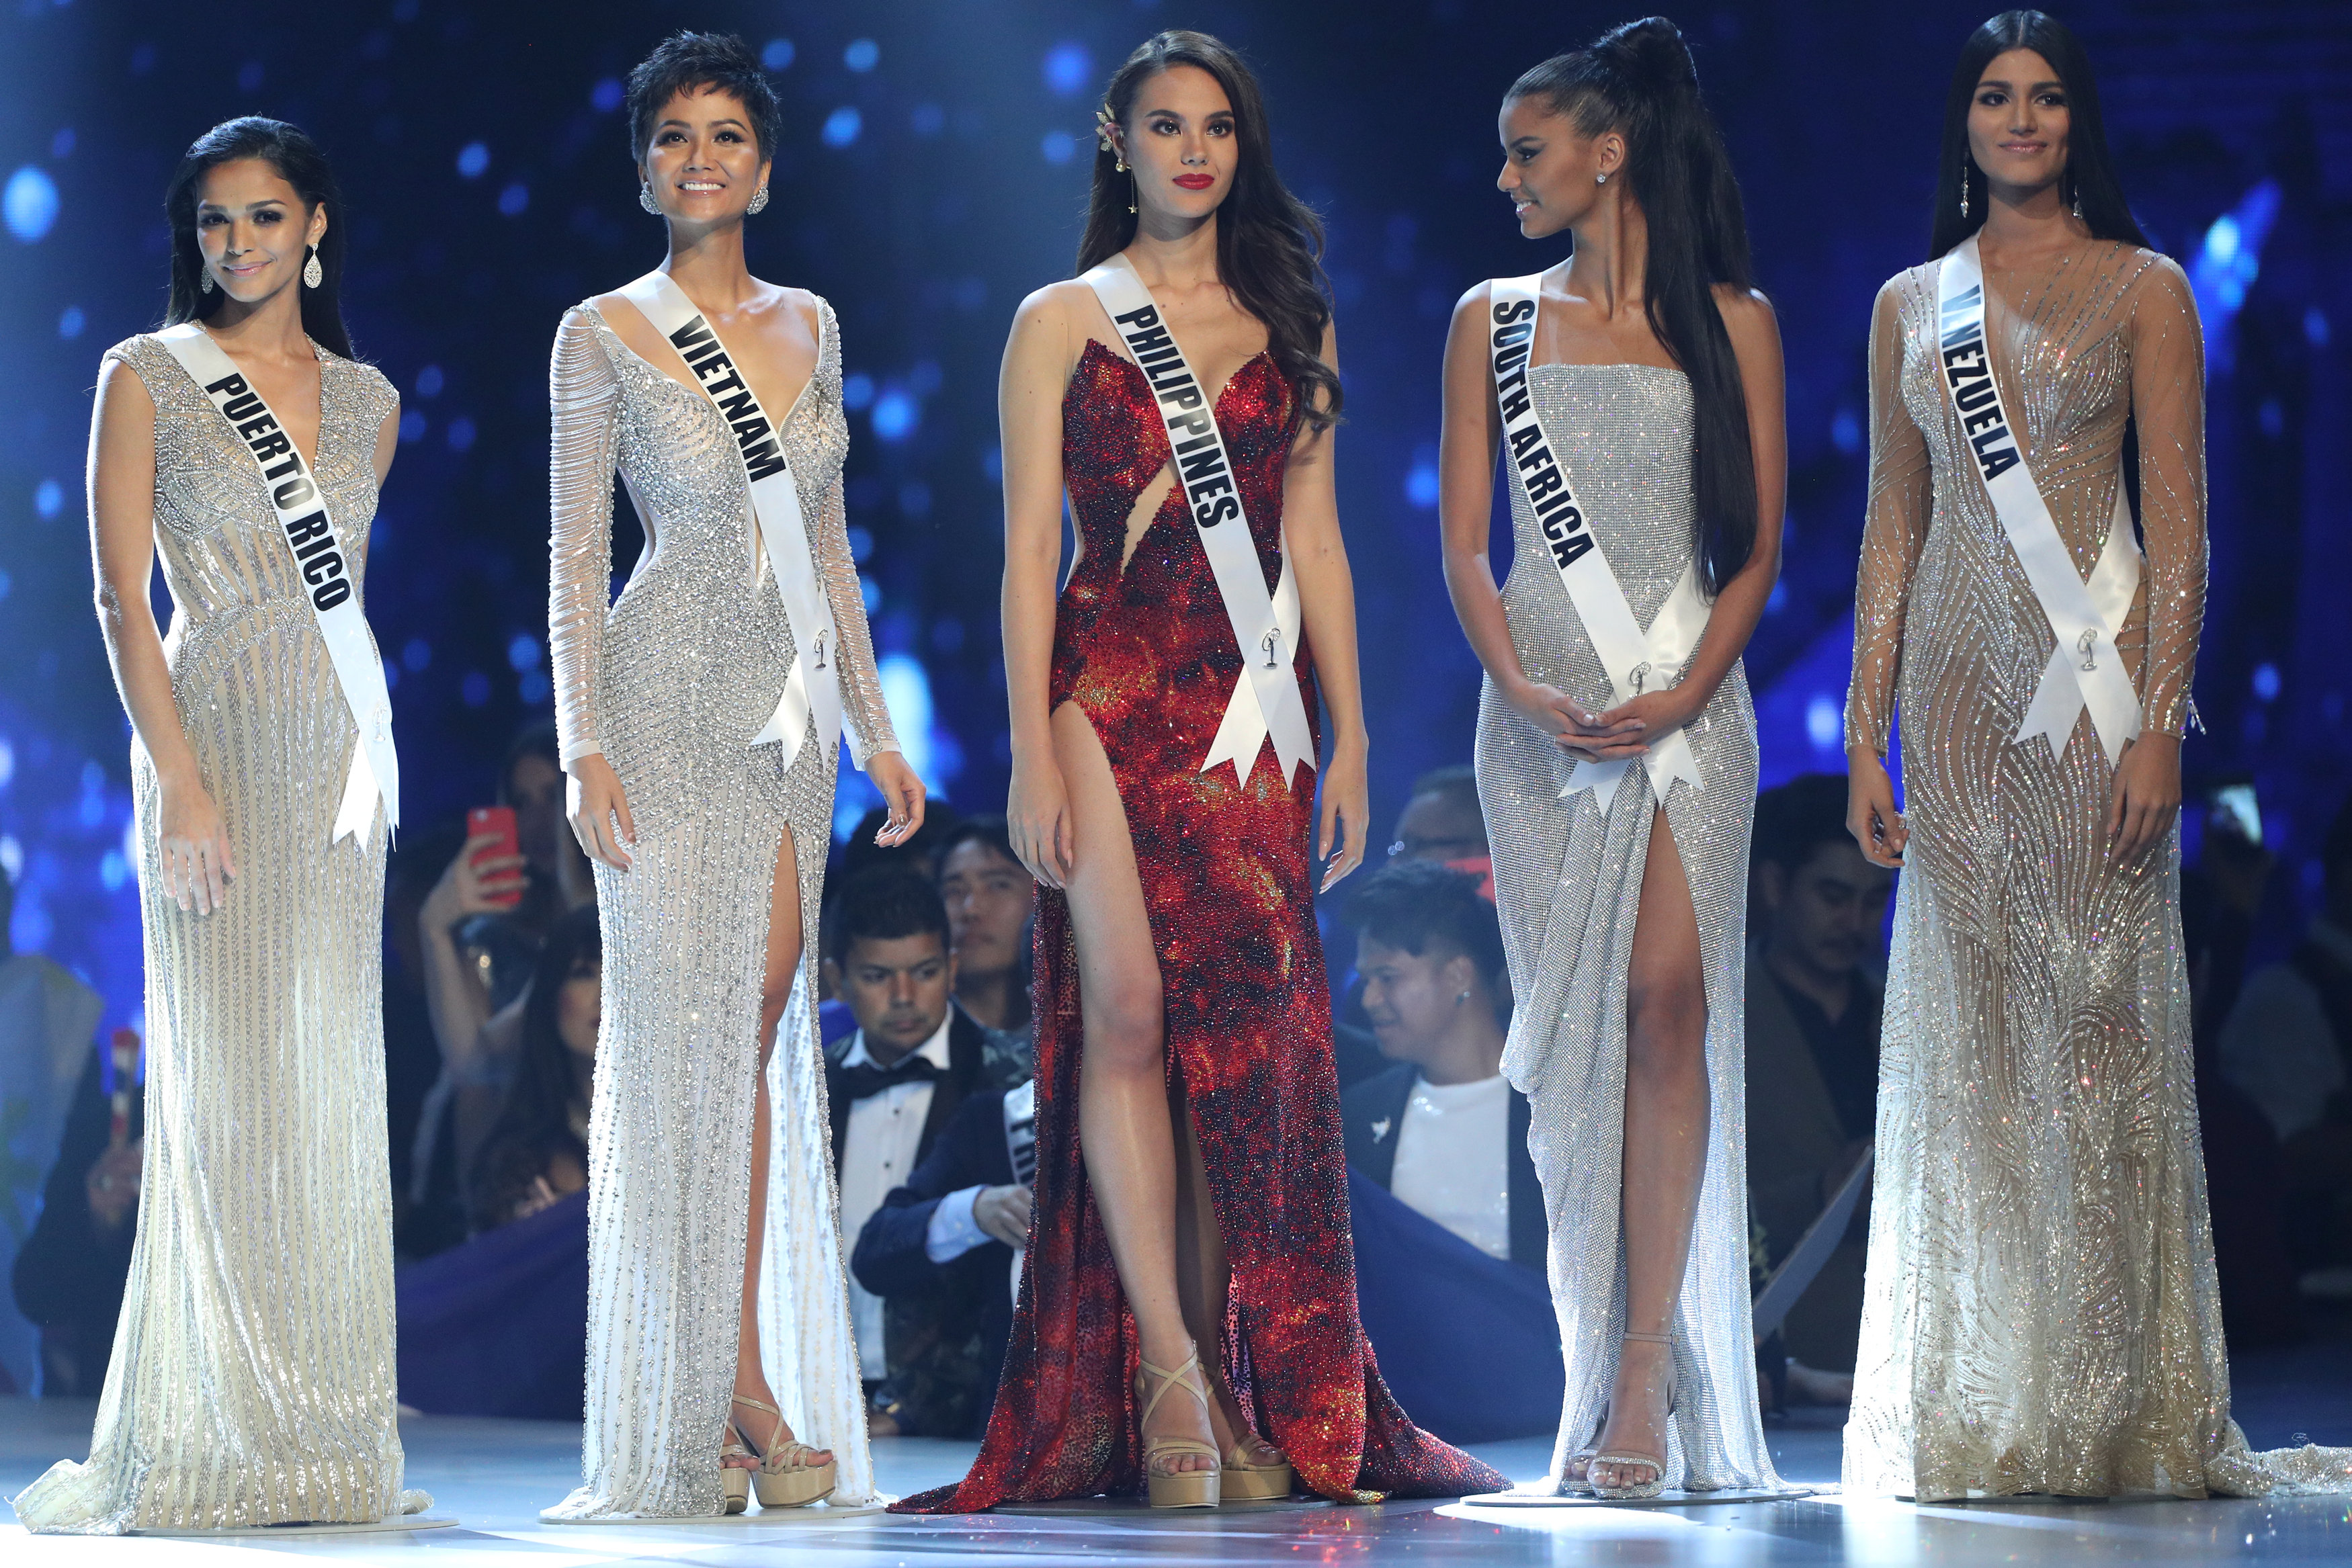 مسابقة ملكة جمال الكون من بانكوك (14)